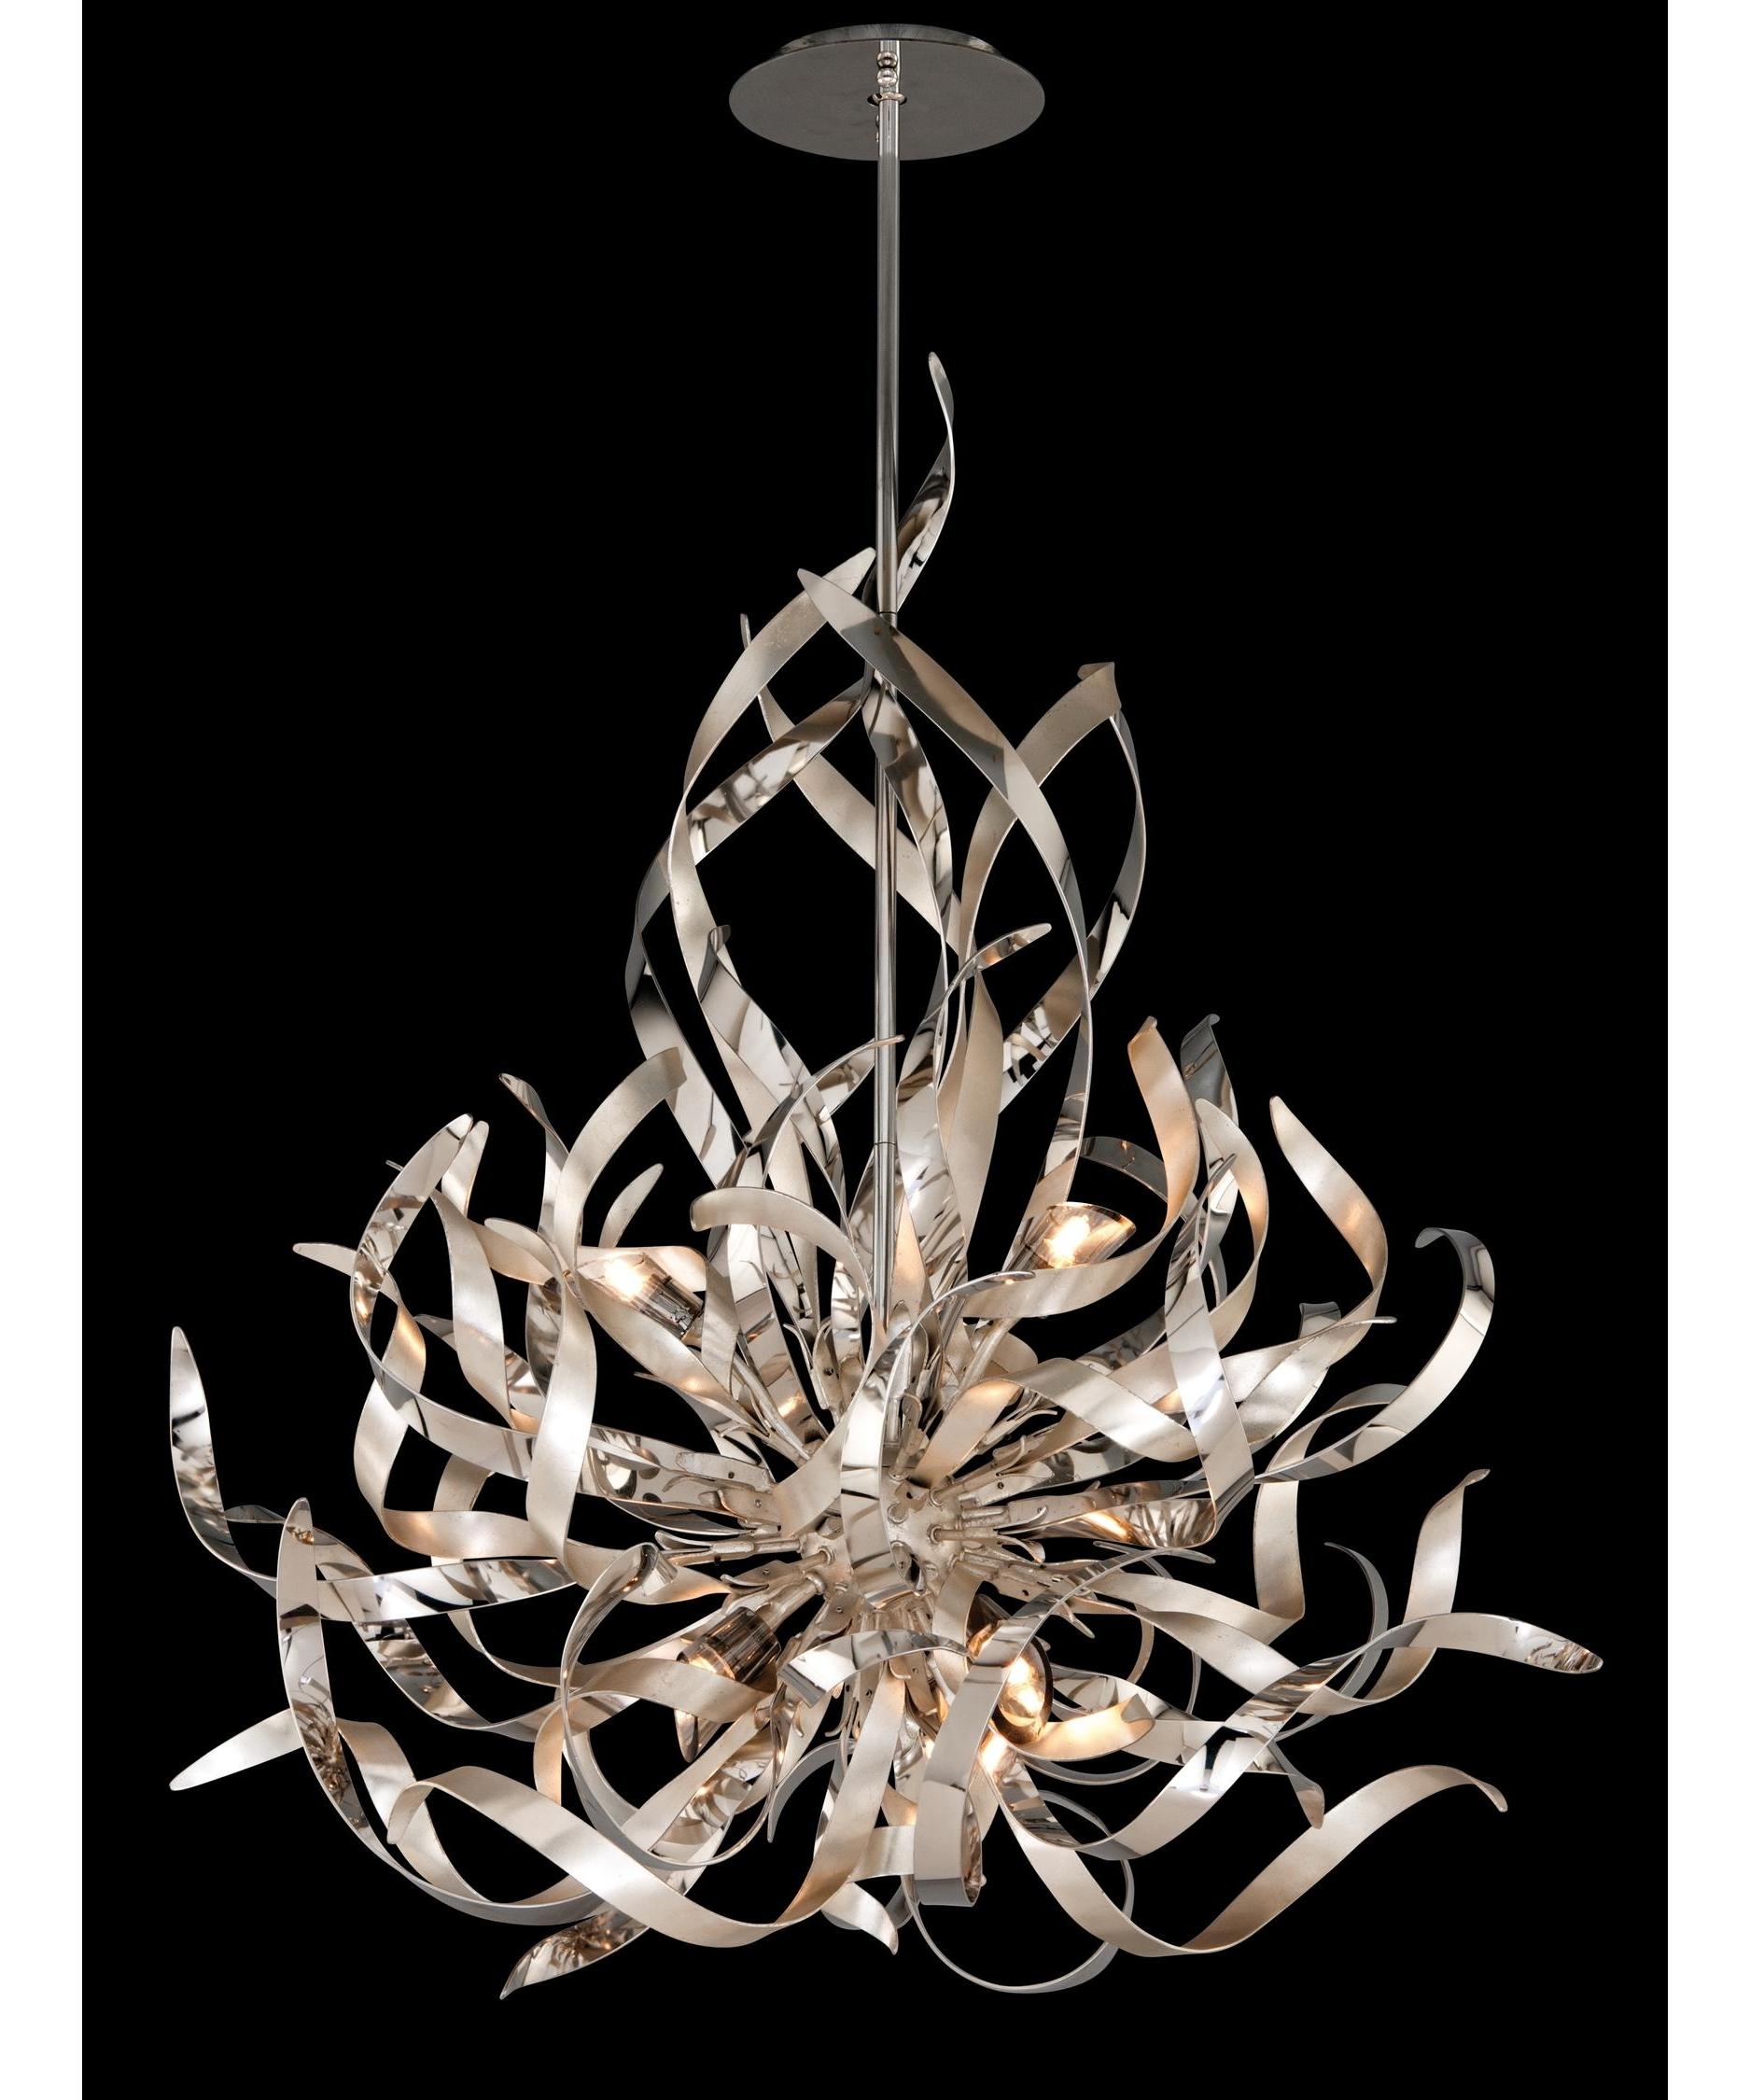 Best Traditional Chandelier Lighting Lighting Lighting Chandelier Inside Well Known Traditional Chandelier (View 3 of 20)